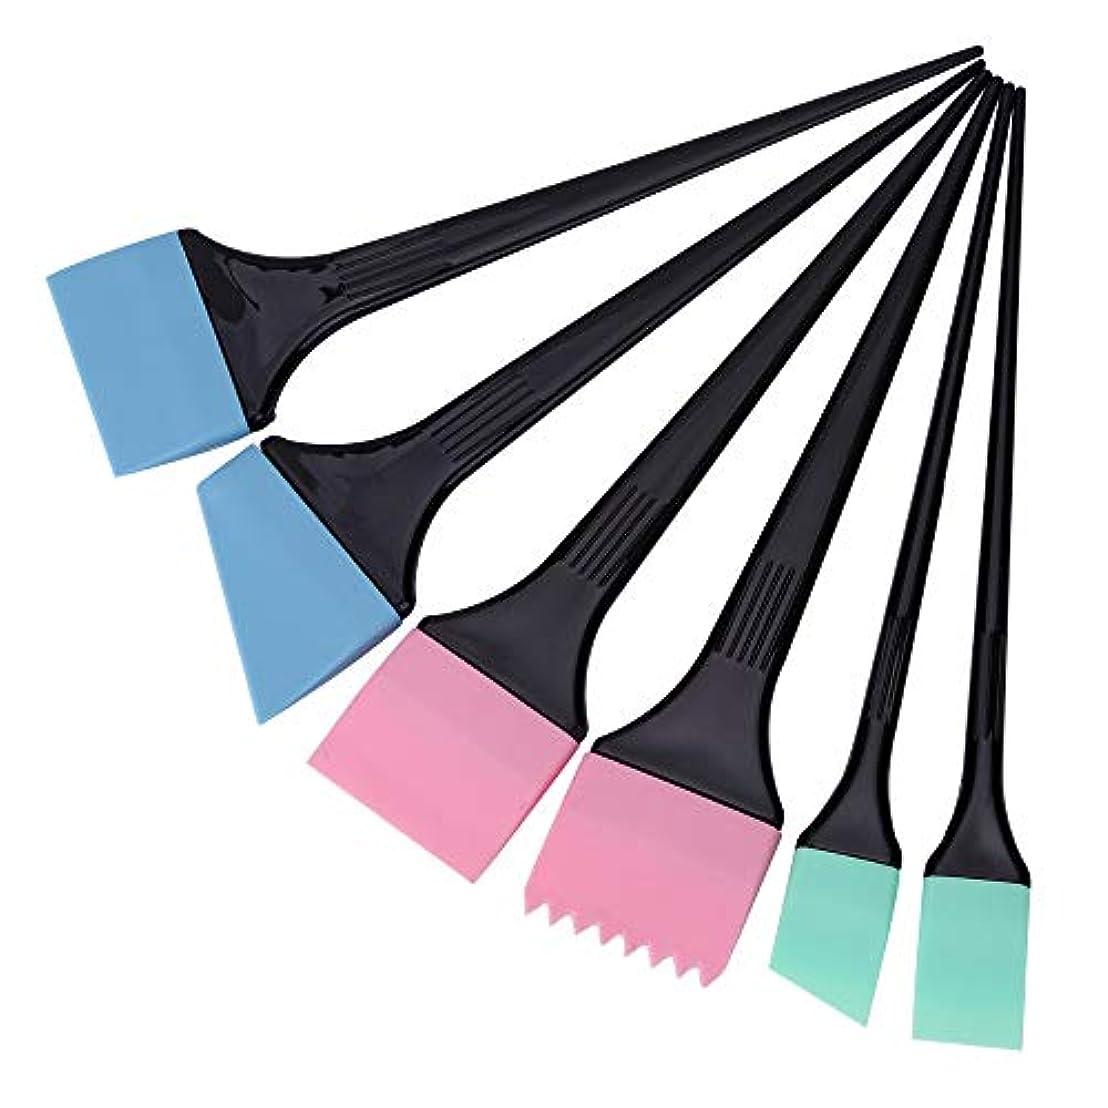 無力建てる皿ヘアダイコーム&ブラシ 毛染めブラシ 6本/セット 着色櫛キット プロサロン 理髪スタイリングツール へアカラーセット グリーン